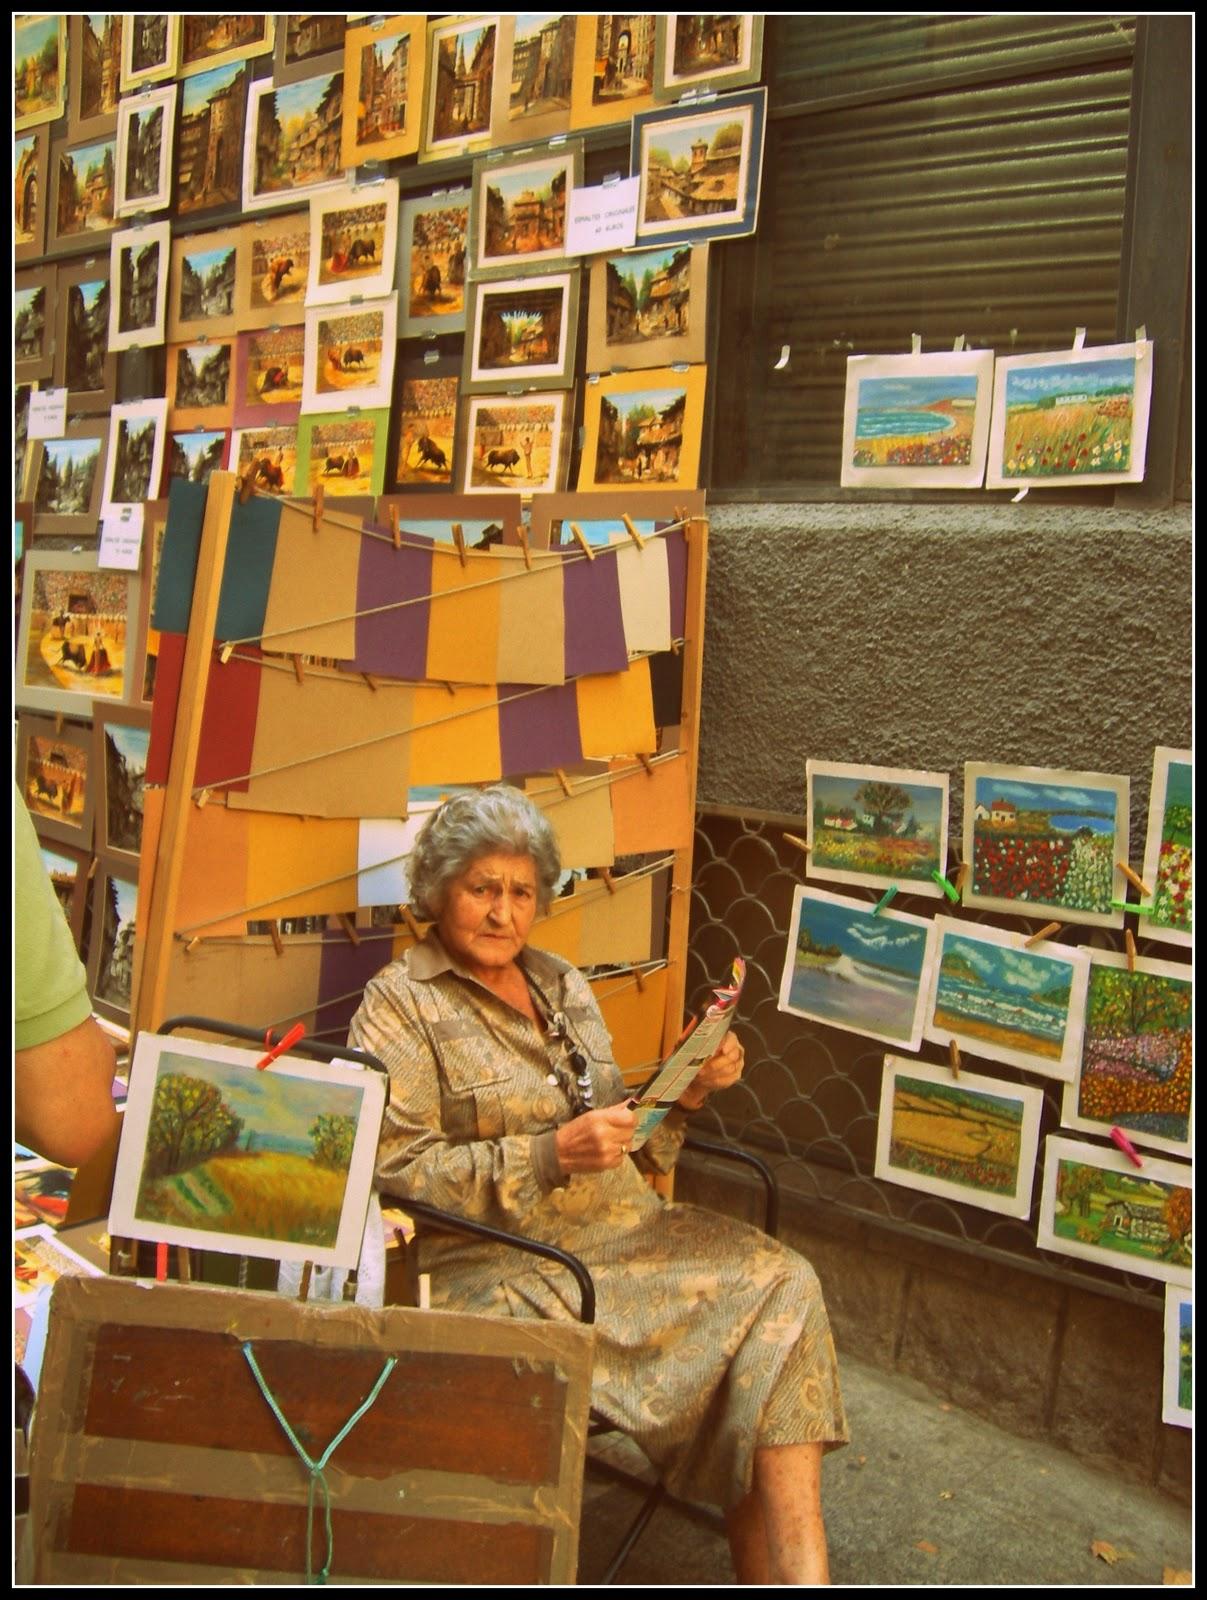 Los mundos de lulu rastro de madrid y mercado de san miguel - Muebles campillo madrid ...